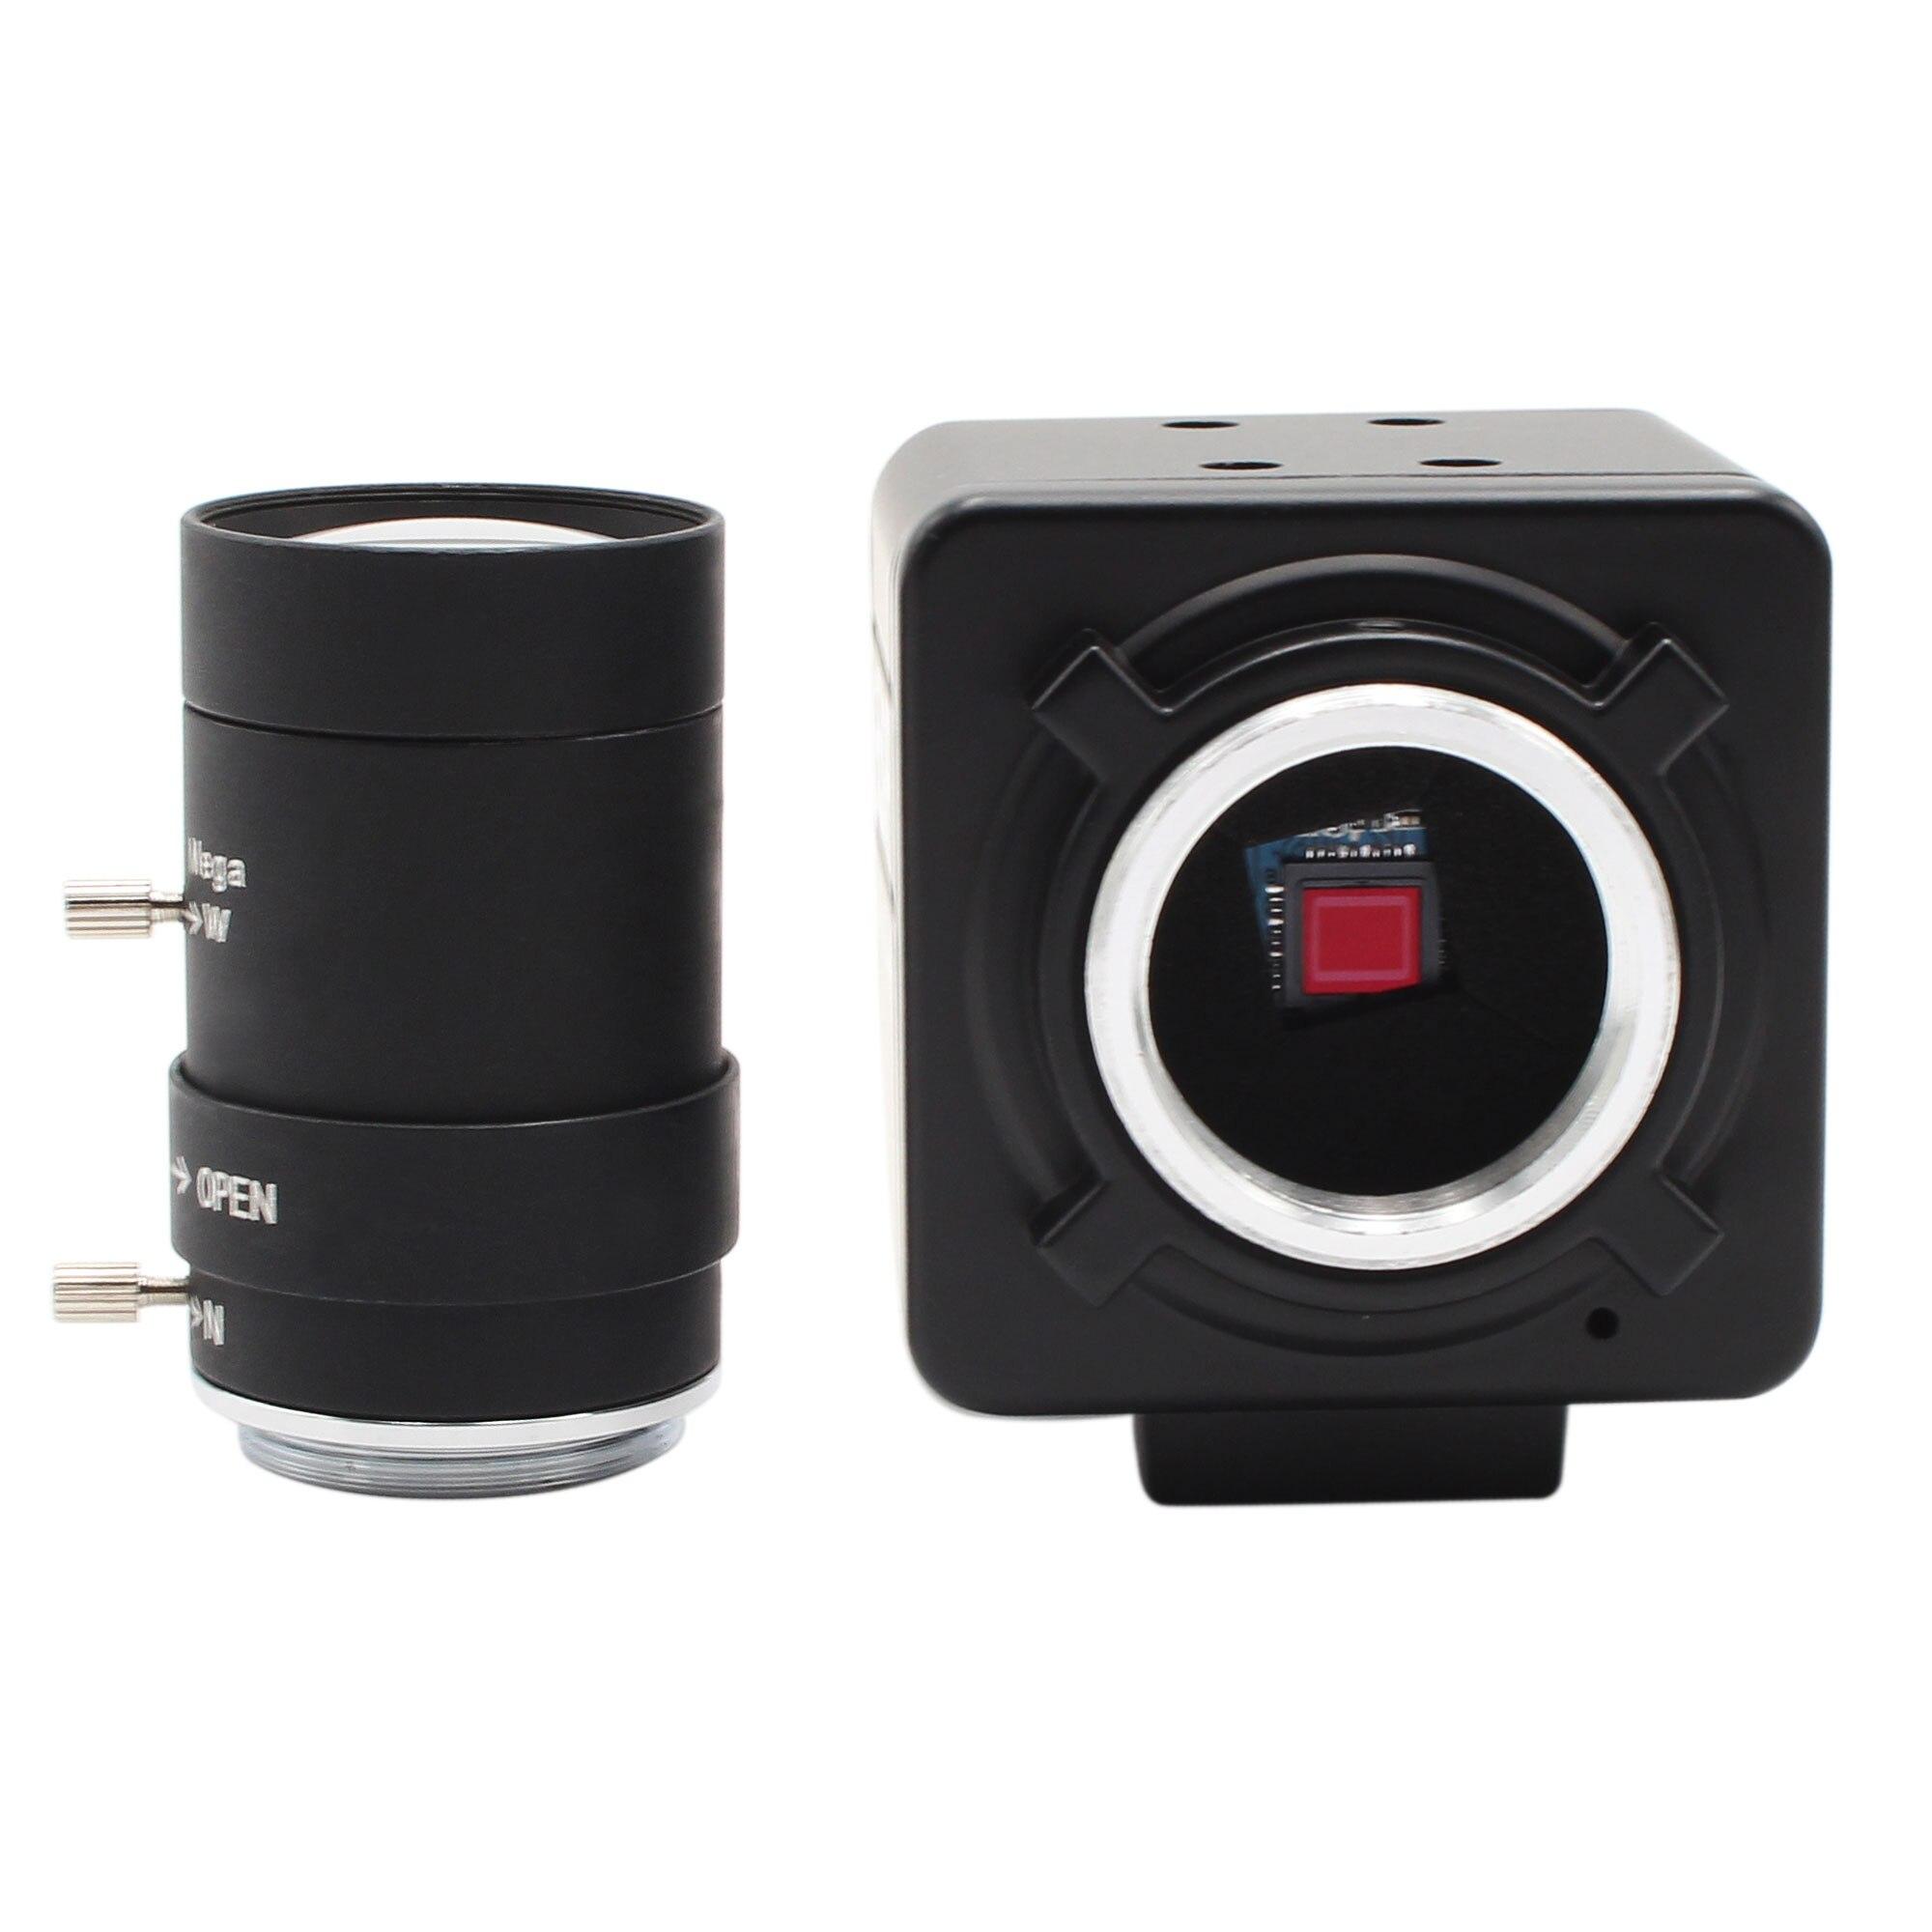 Высокоскоростная камера MJPEG 1080P 60fps/720 P 120fps/360 P 260fps UVC с датчиком omnivision ov4689 CMOS 5-50 мм варифокальный объектив CS USB веб-камера